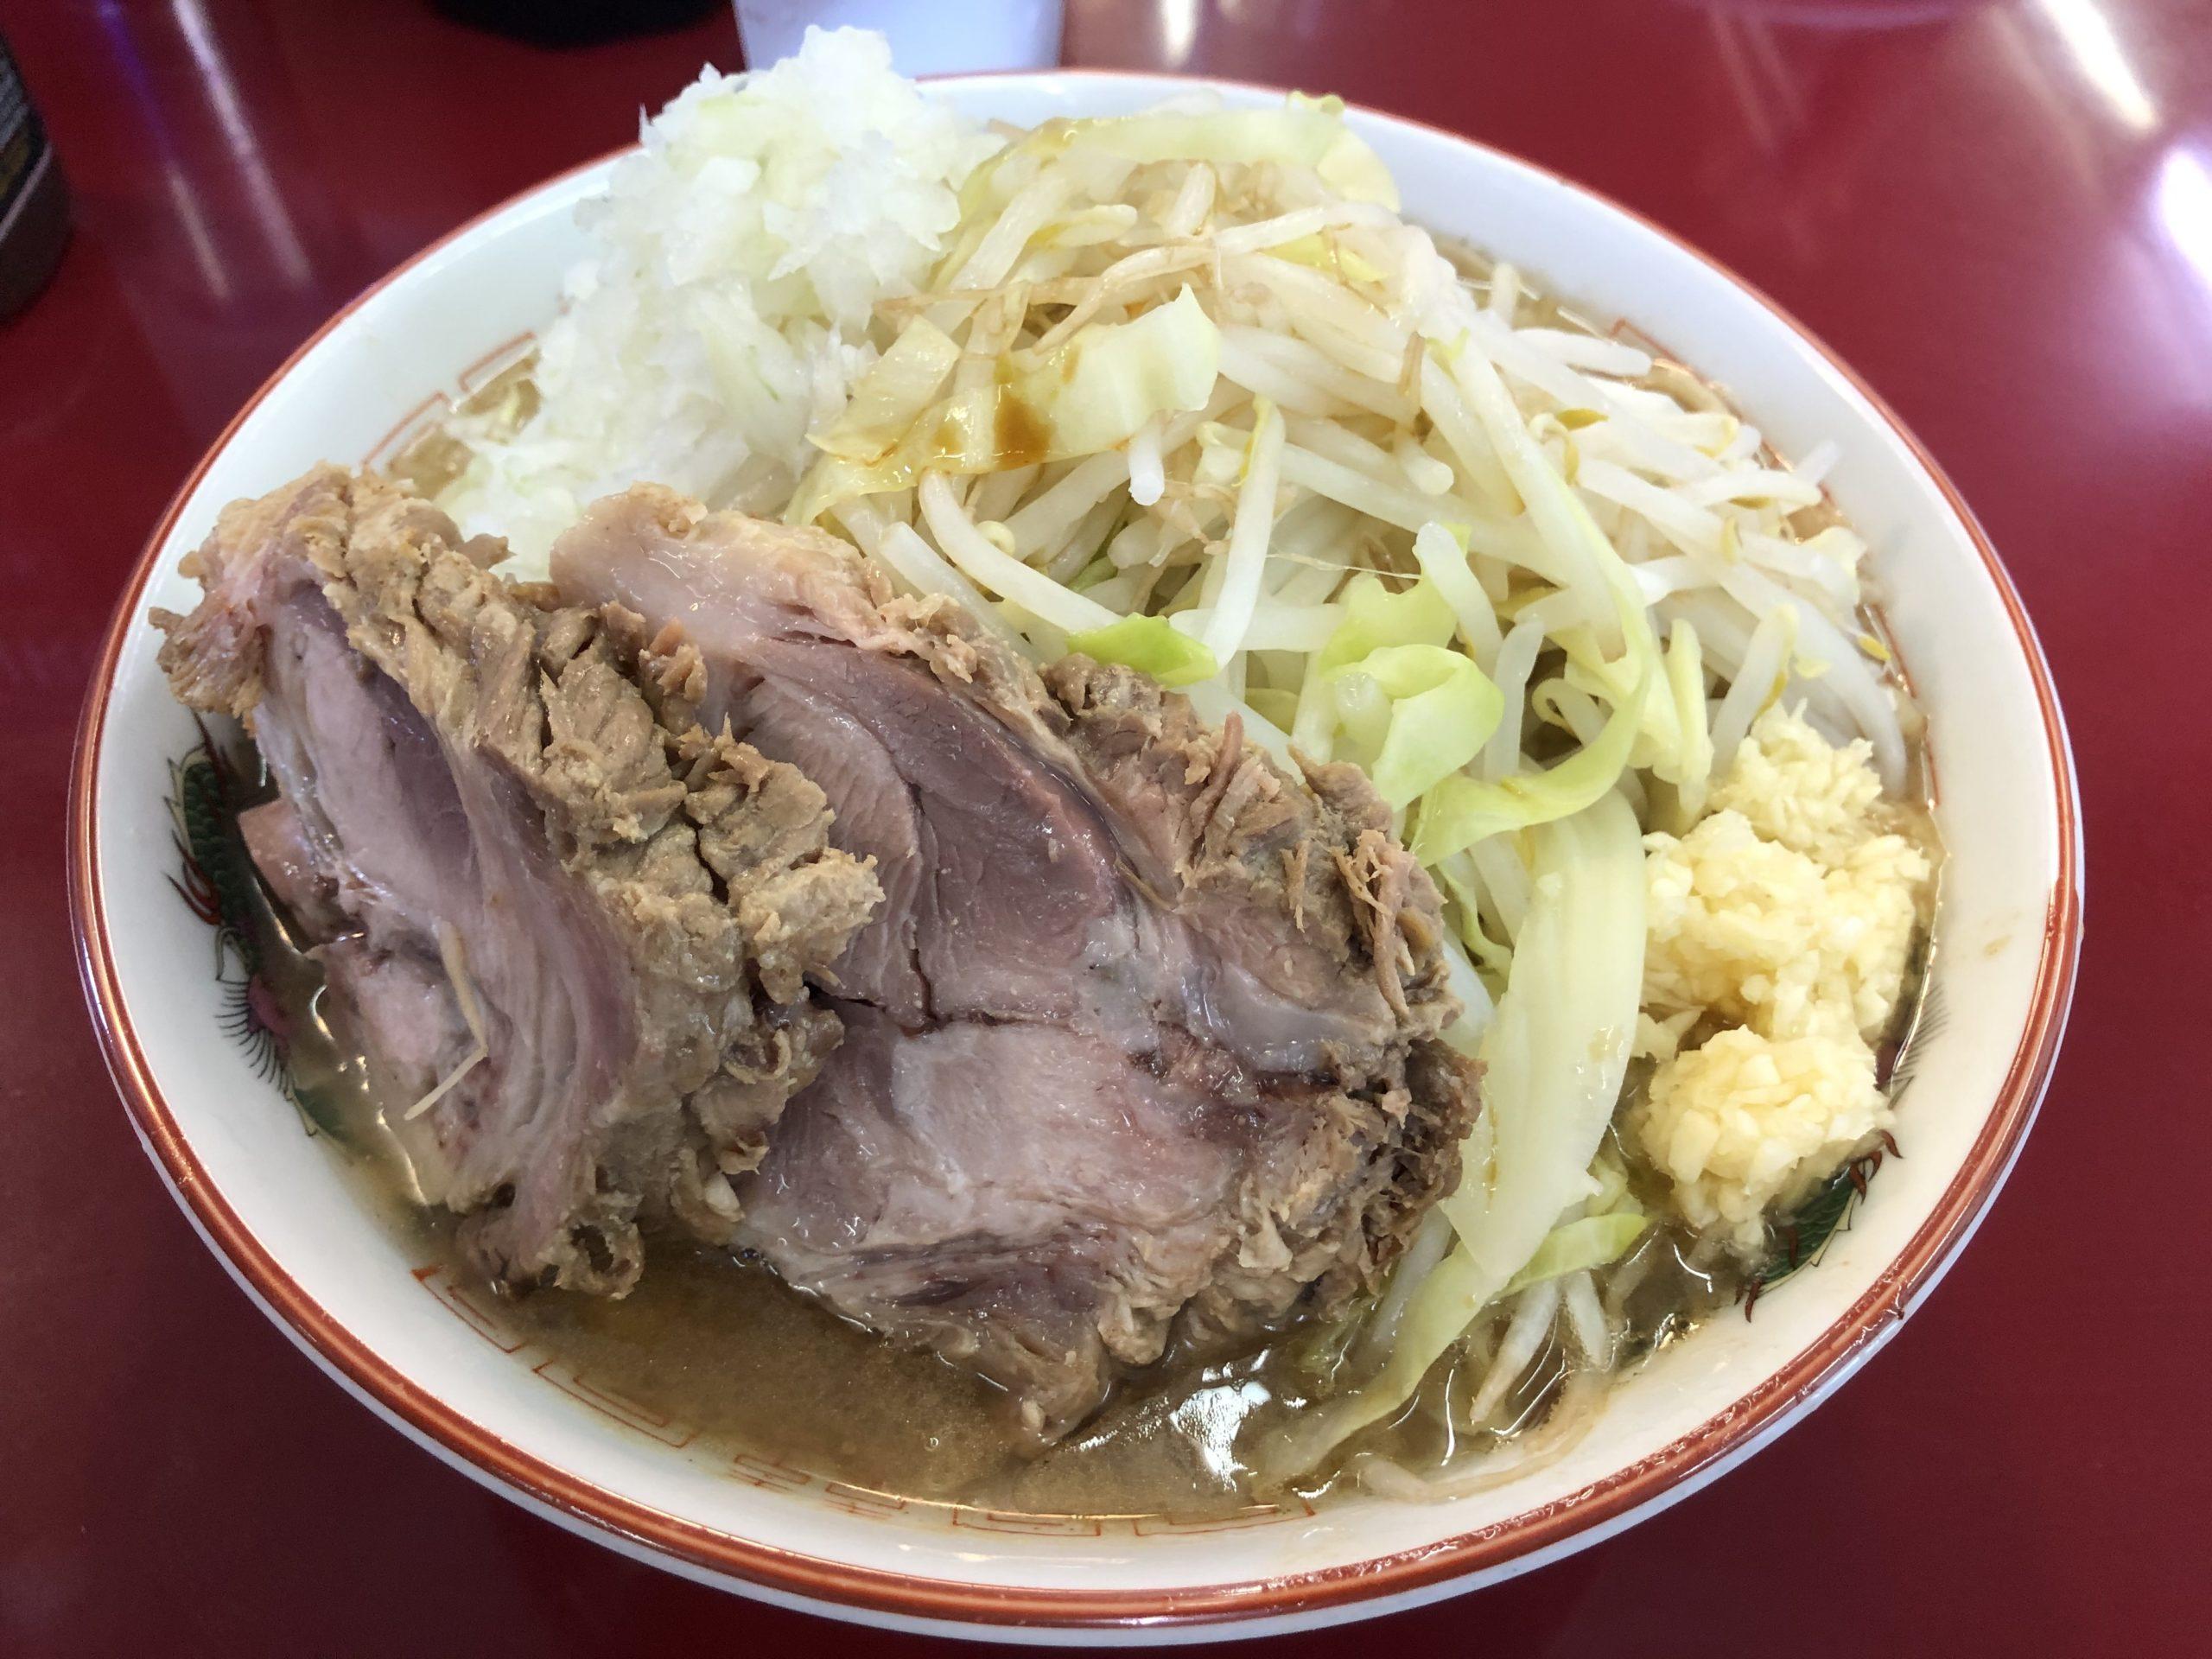 真岡市の二郎系ラーメンの勇「ジラフ」に訪問、超こってりラーメンとの闘いがついに始まる